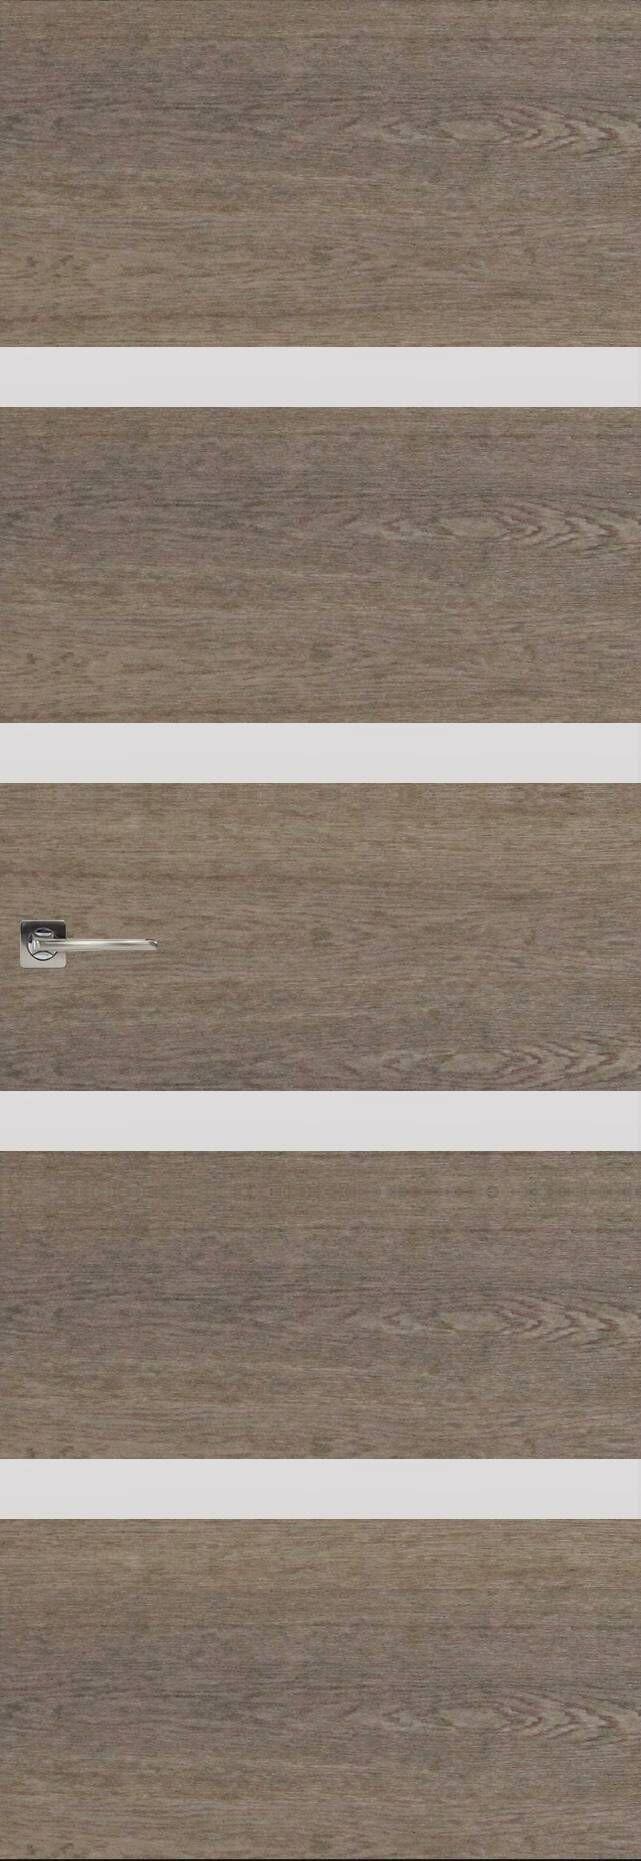 Tivoli Д-4 Невидимка цвет - Дуб антик Без стекла (ДГ)